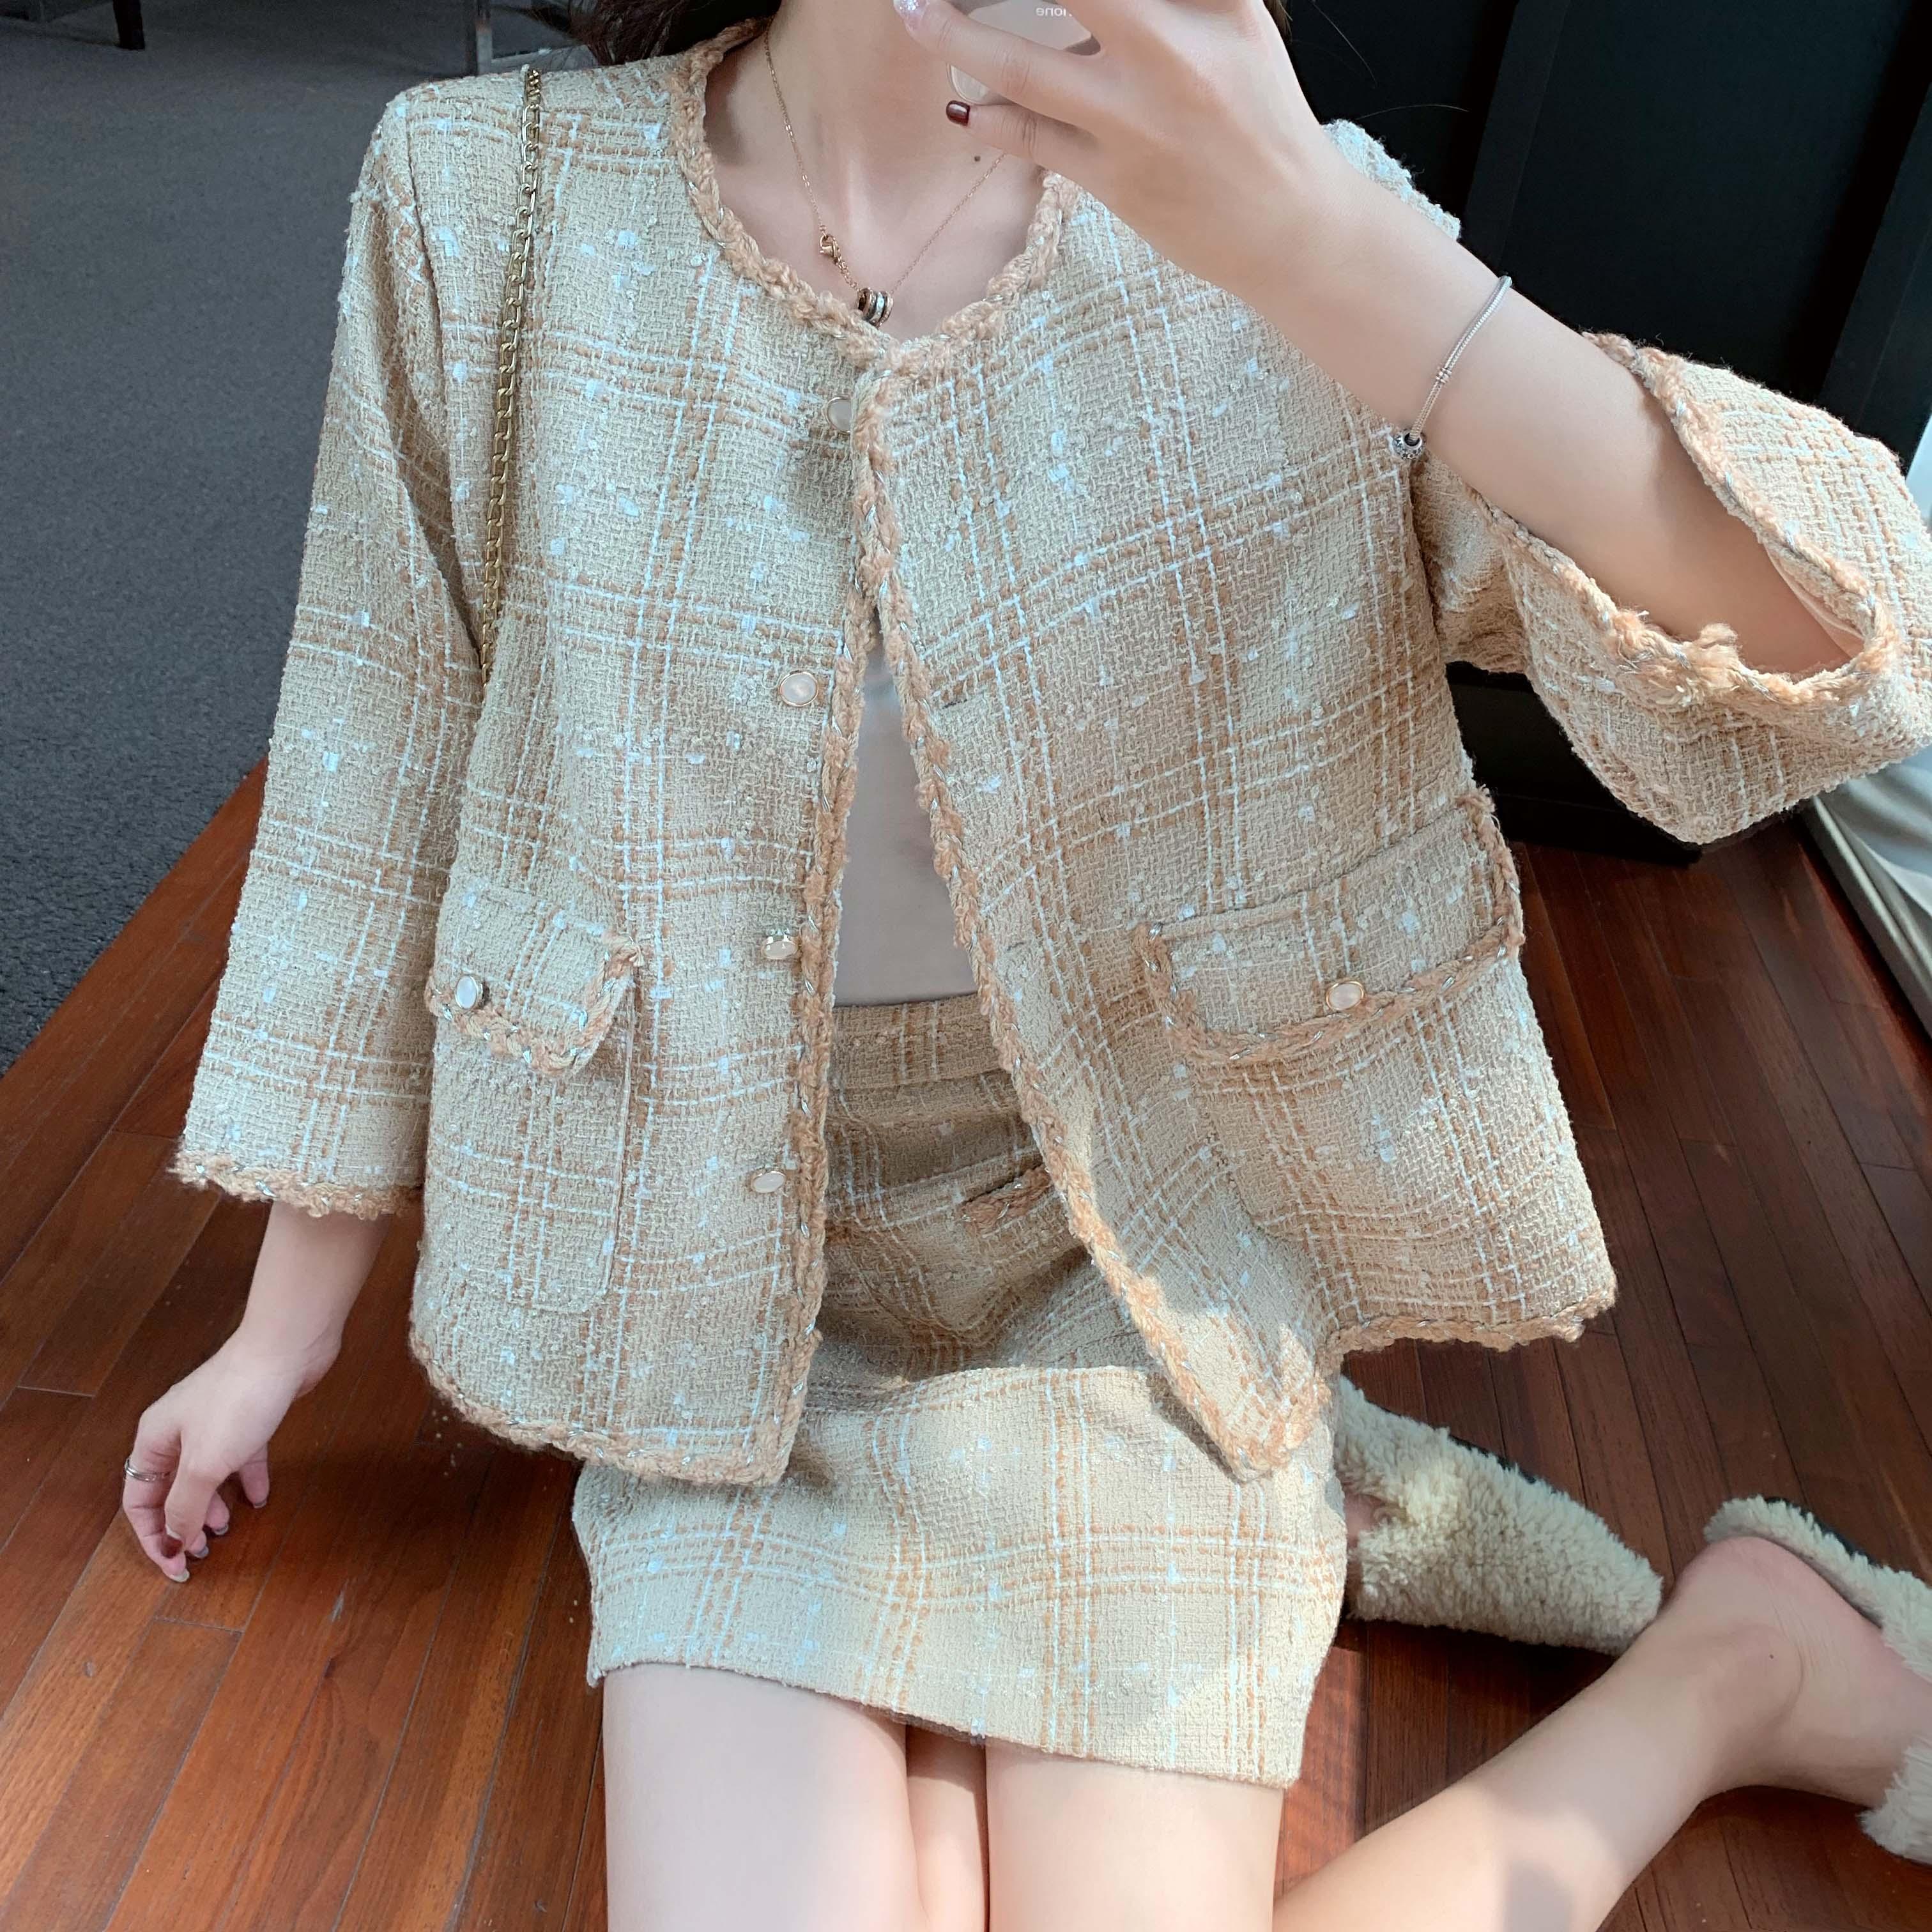 實拍實價新款慵懶風兩件套粗花呢A字半身裙+毛邊小香風外套女套裝